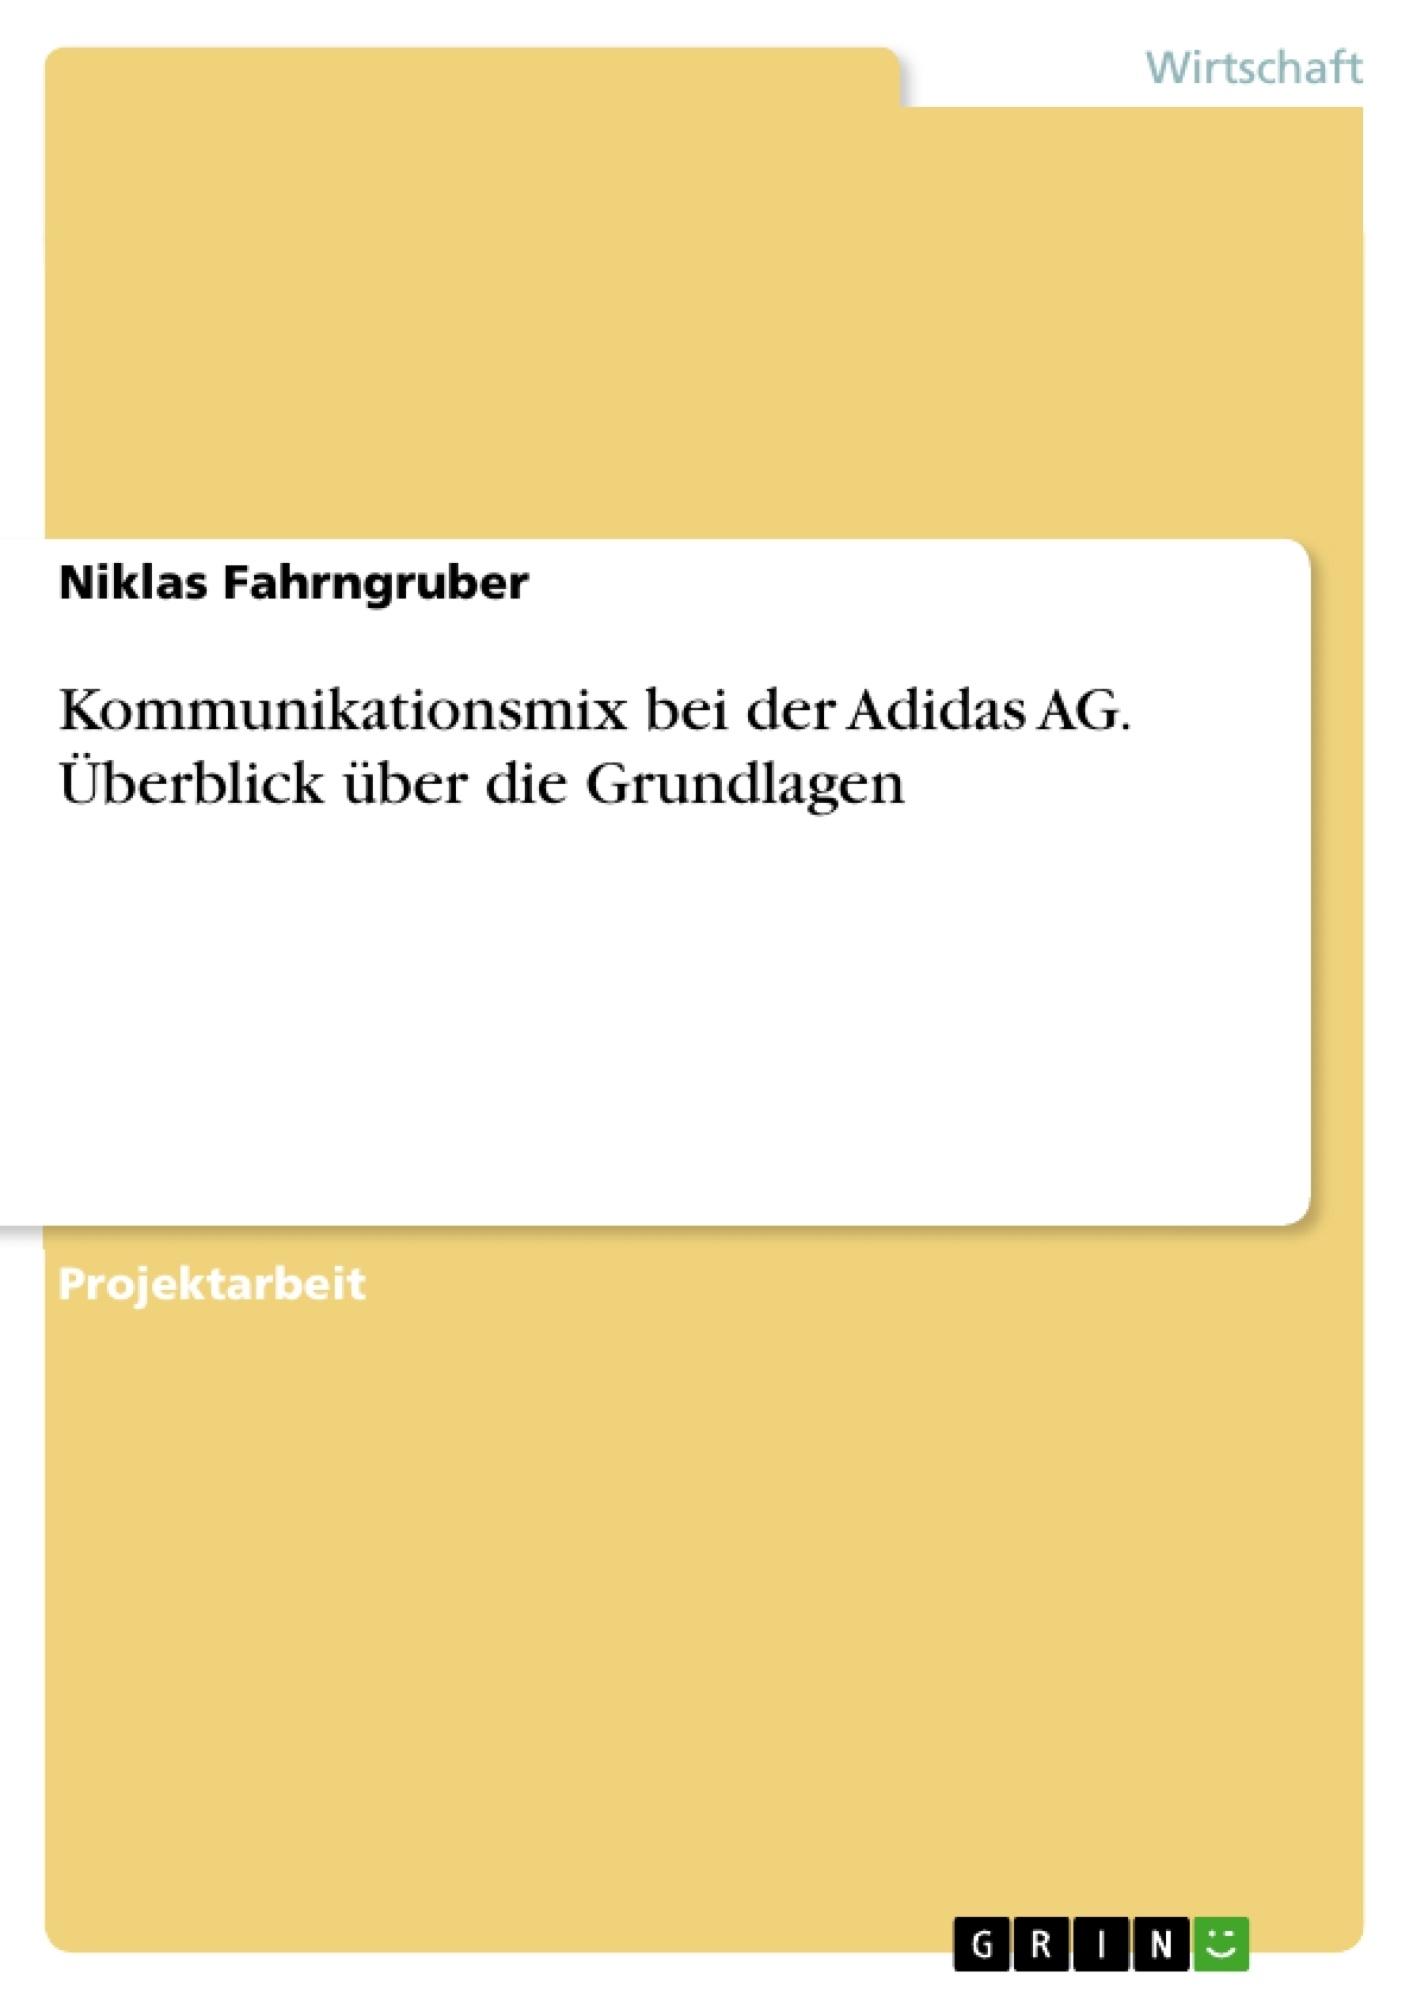 Titel: Kommunikationsmix bei der Adidas AG. Überblick über die Grundlagen